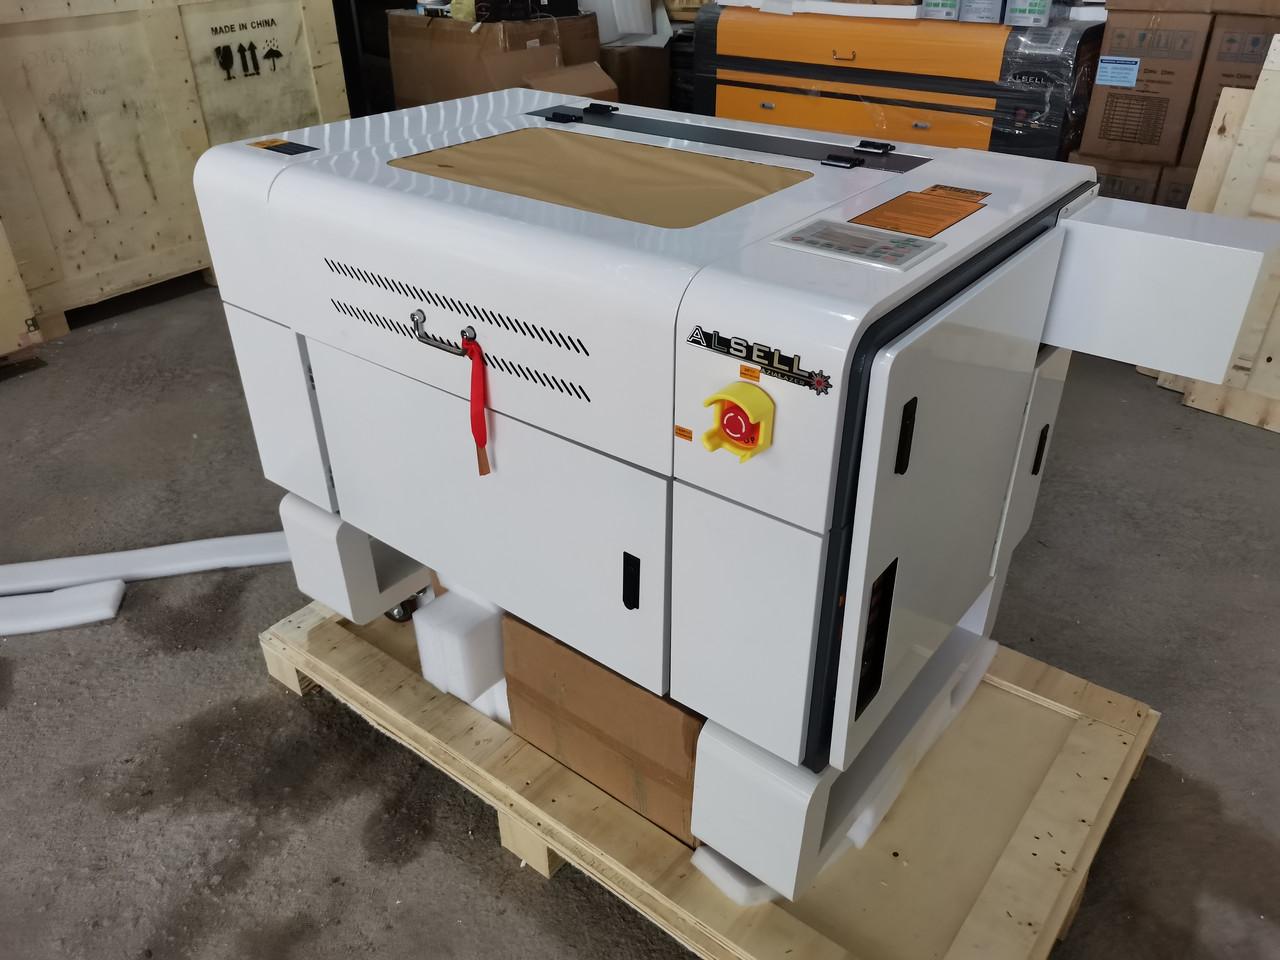 Лазерный станок Prof GS60*40cm RuiDa 50W (мультифункциональный) (МЕТАЛЛИЧЕСКИЕ НАПРАВЛЯЮЩИЕ)